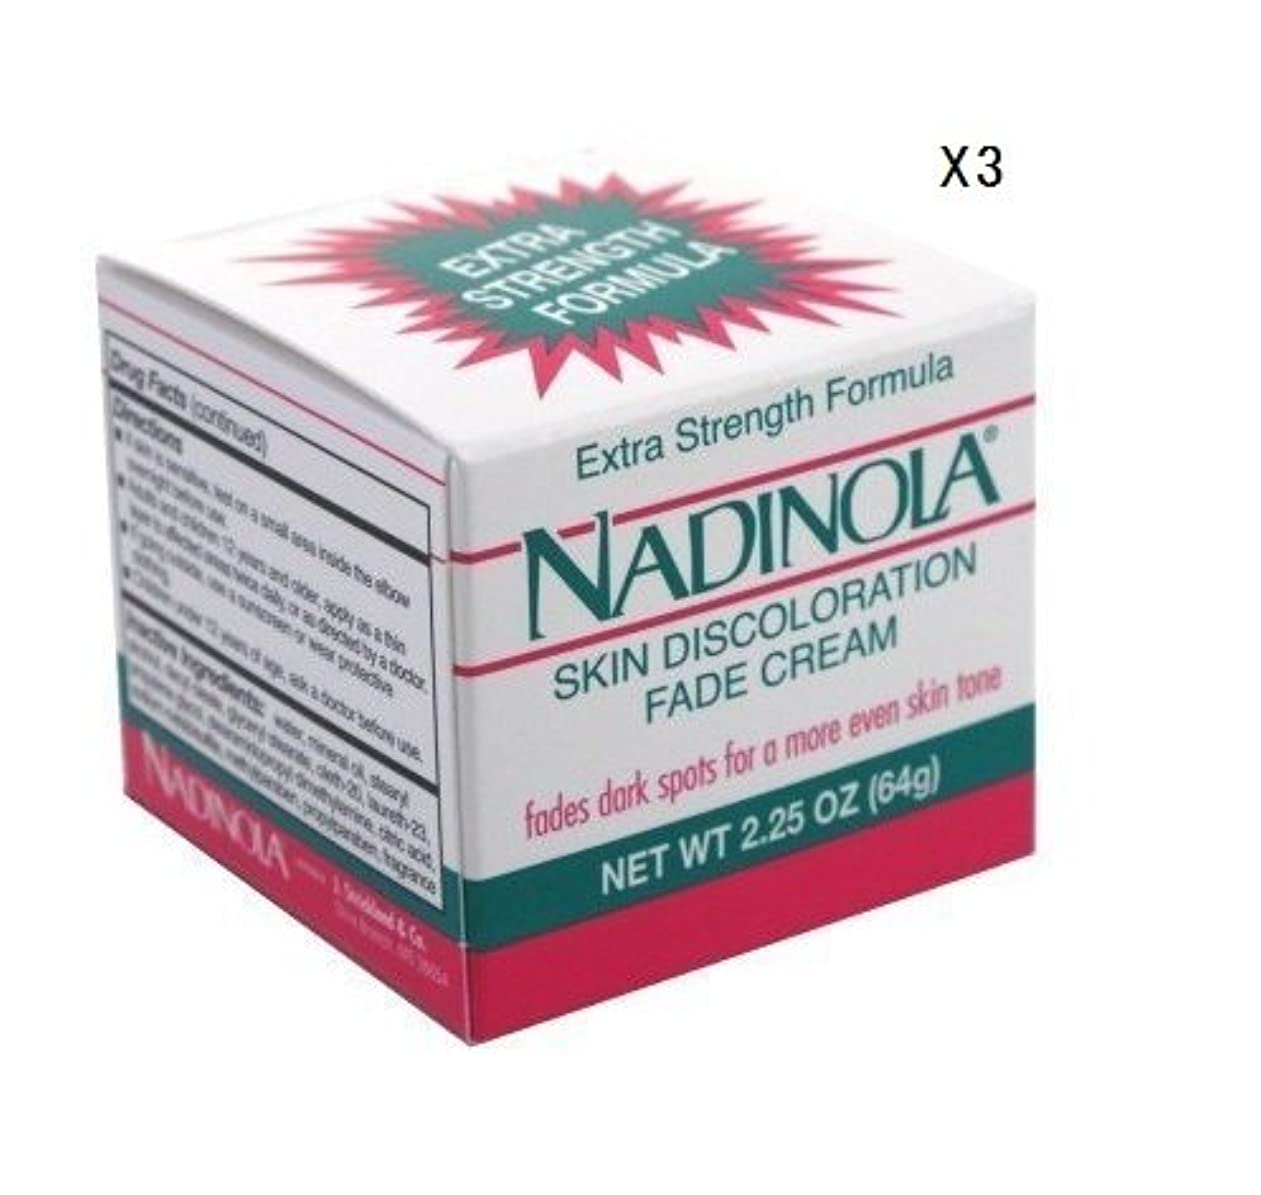 保存する出演者フレキシブル(海外直送品)強力美白クリーム (64g)ナディノラ Nadolina Skin Bleach - Extra Strength 2.25 Oz. (Pack of 3) by Nadinola